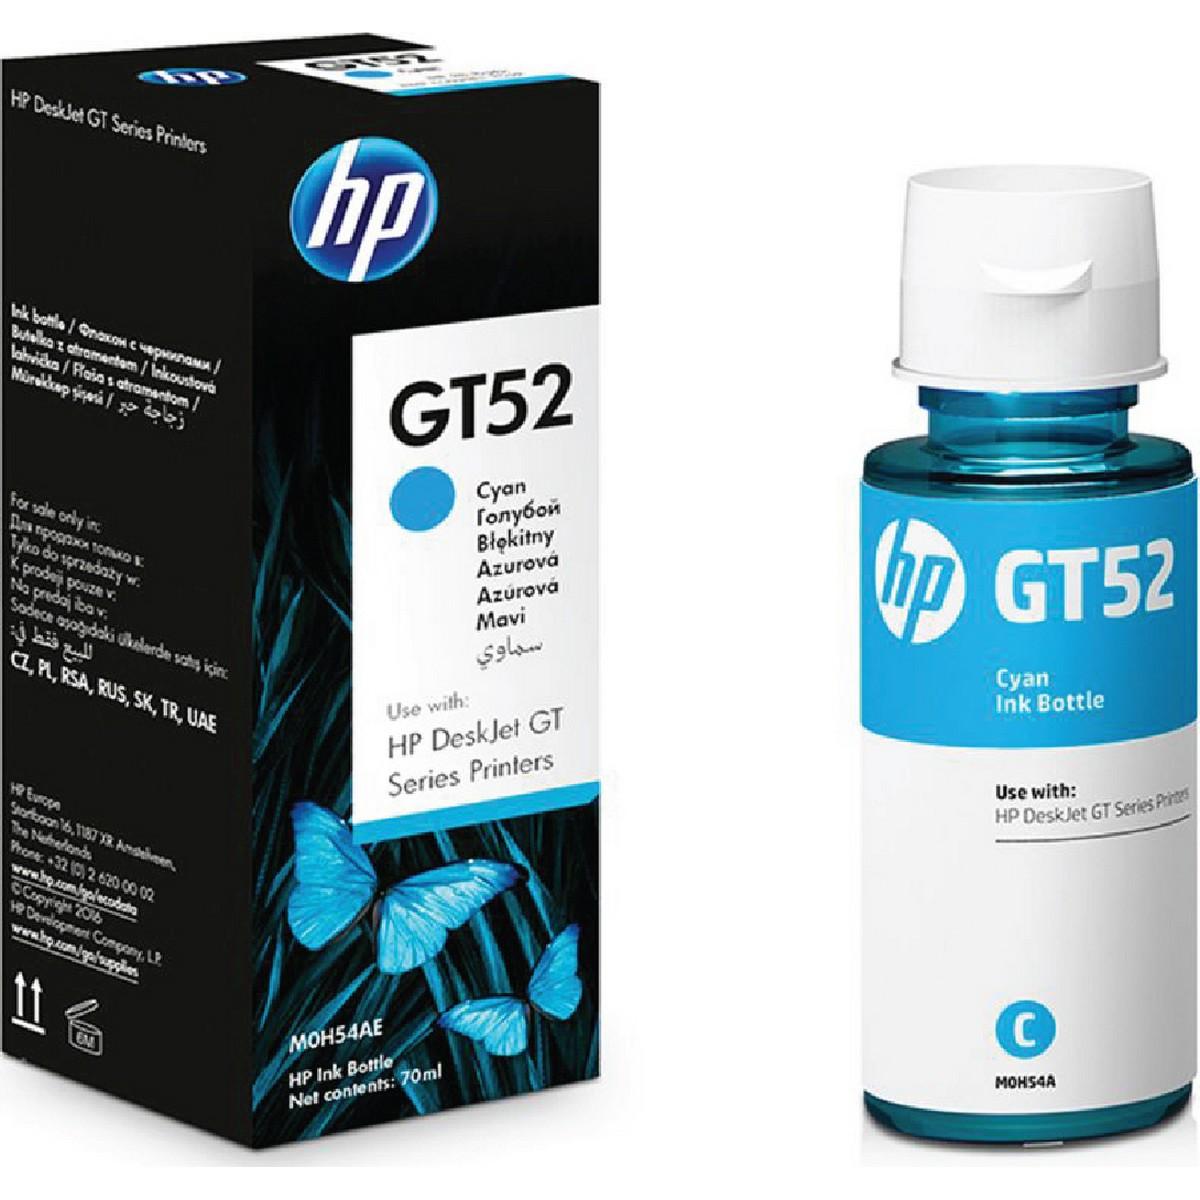 GT52-CYAN